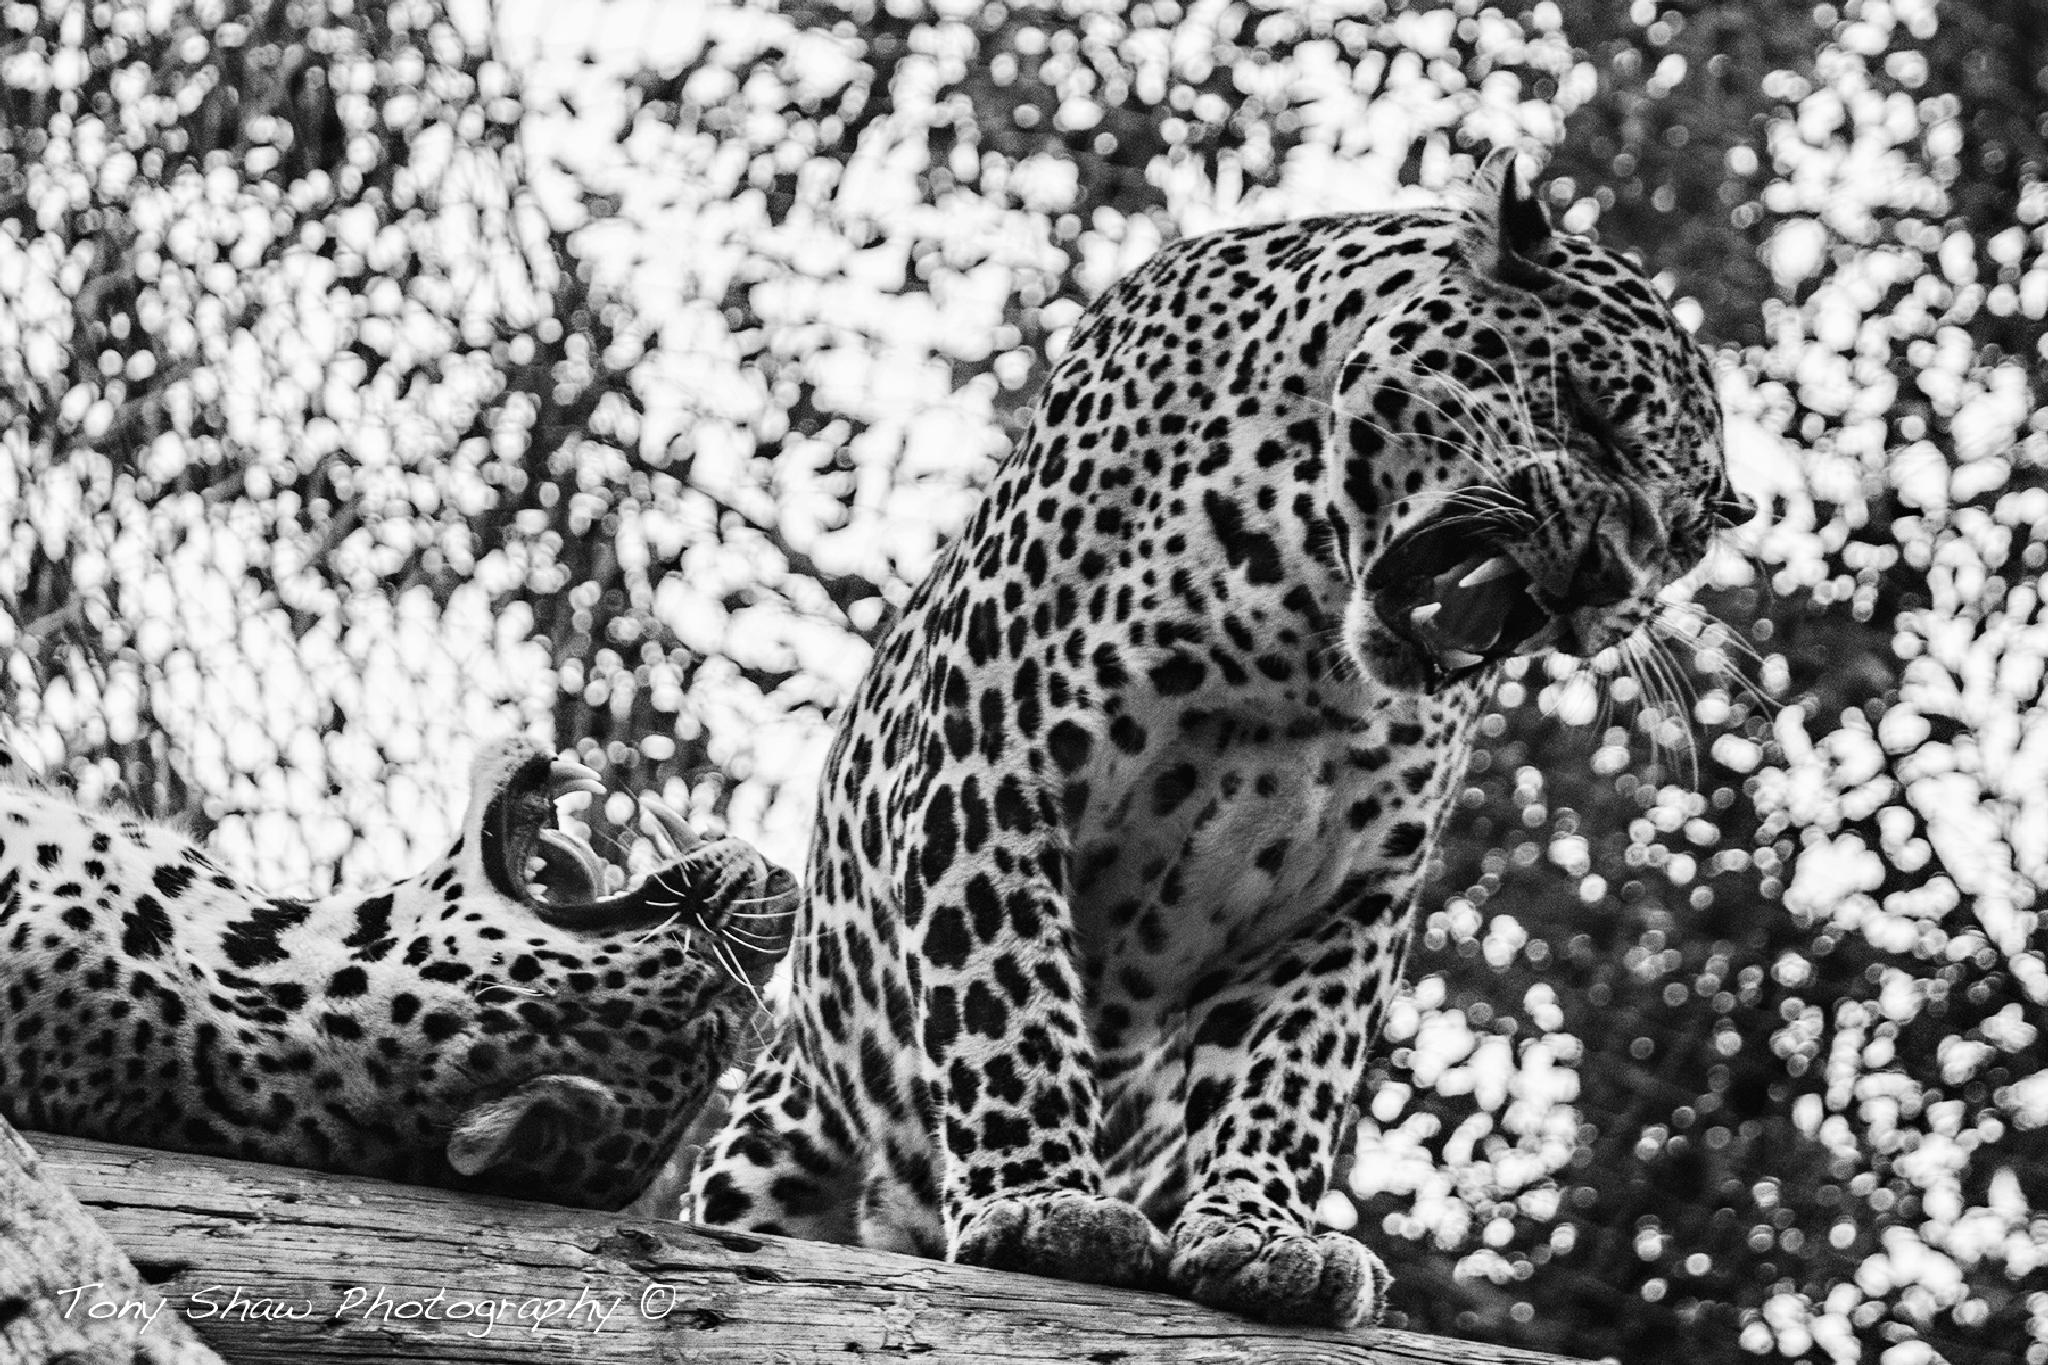 Big Cats by Tony Shaw